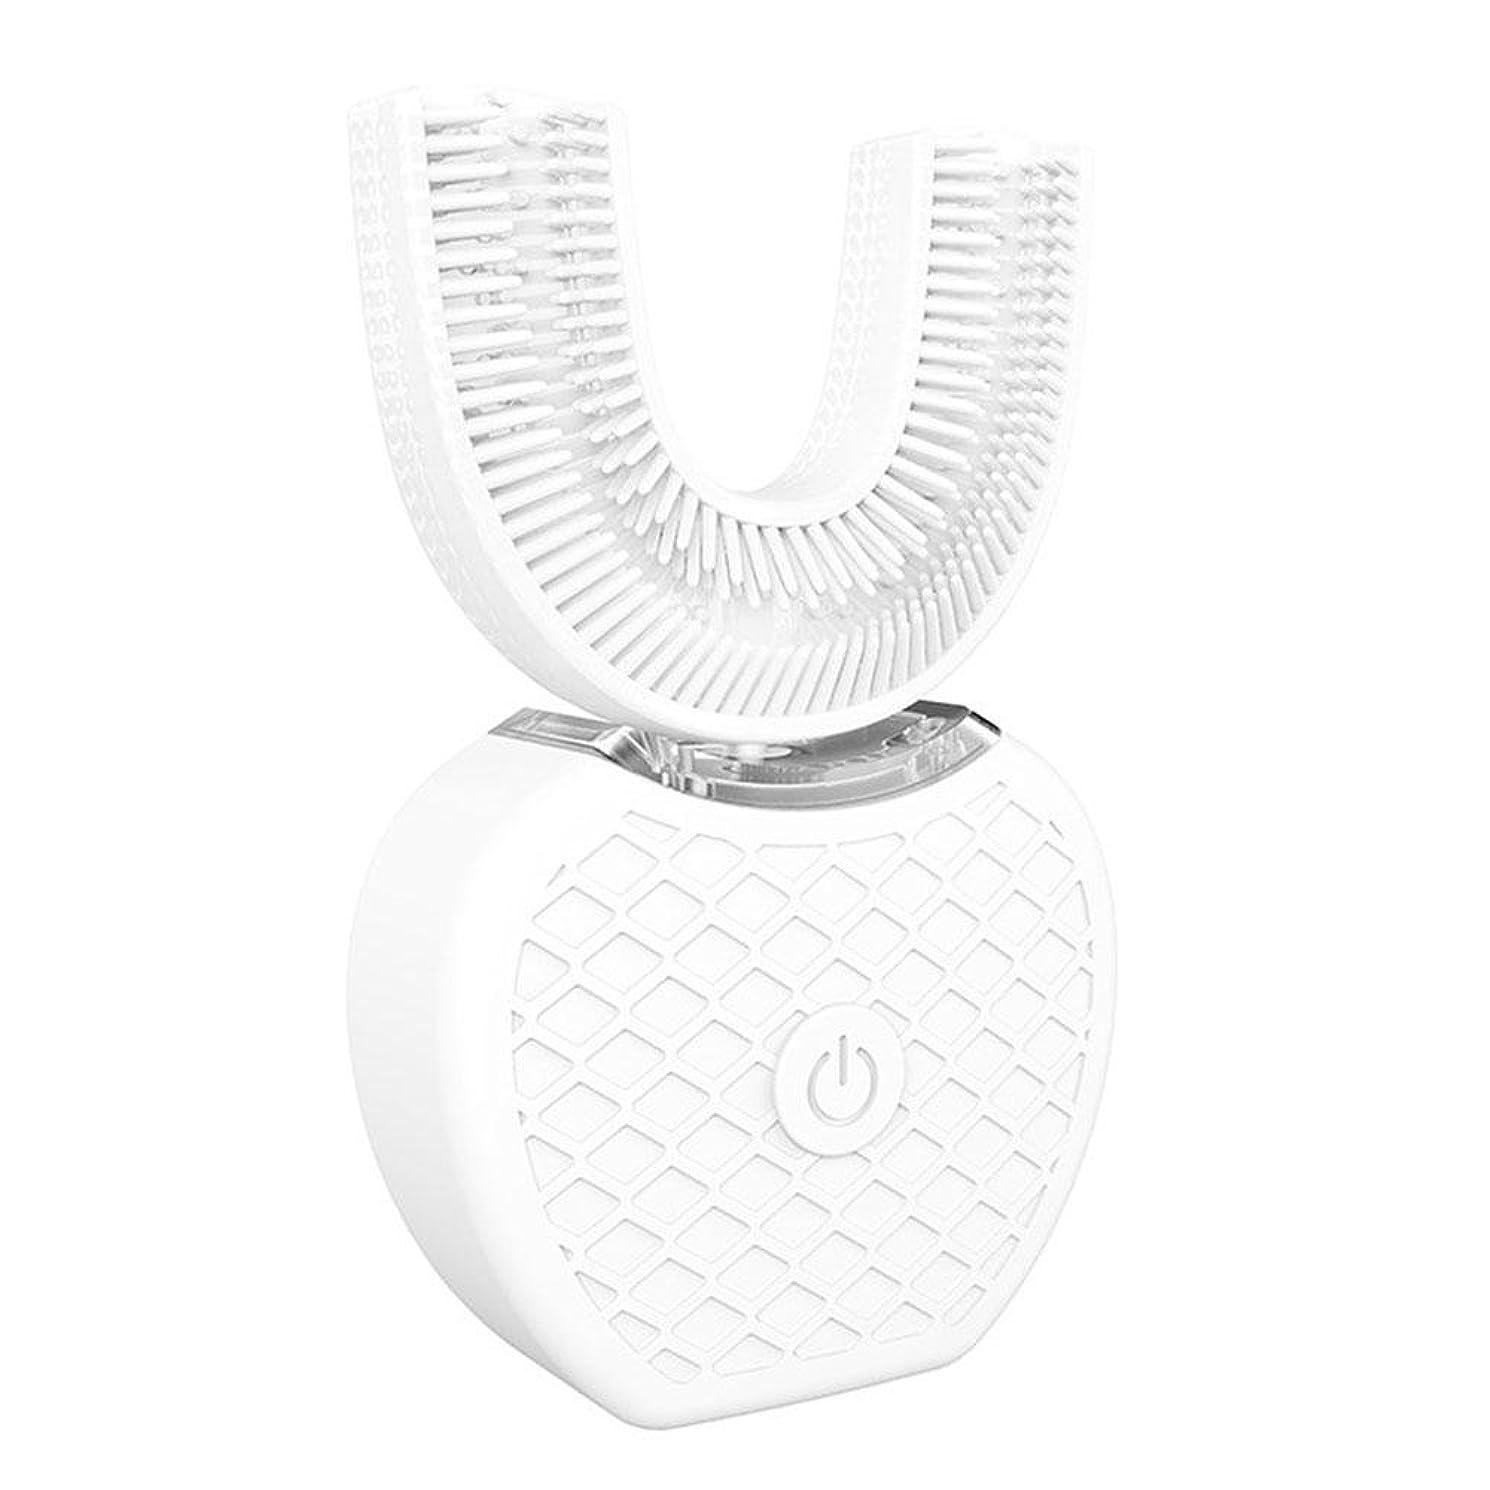 【Cheng-store】自動周波数超音波電動歯ブラシ360° 怠惰な歯ブラシ白い歯の器具 自動ハンズフリー白色発光 ブラシヘッドをU字型4選択可能なモード